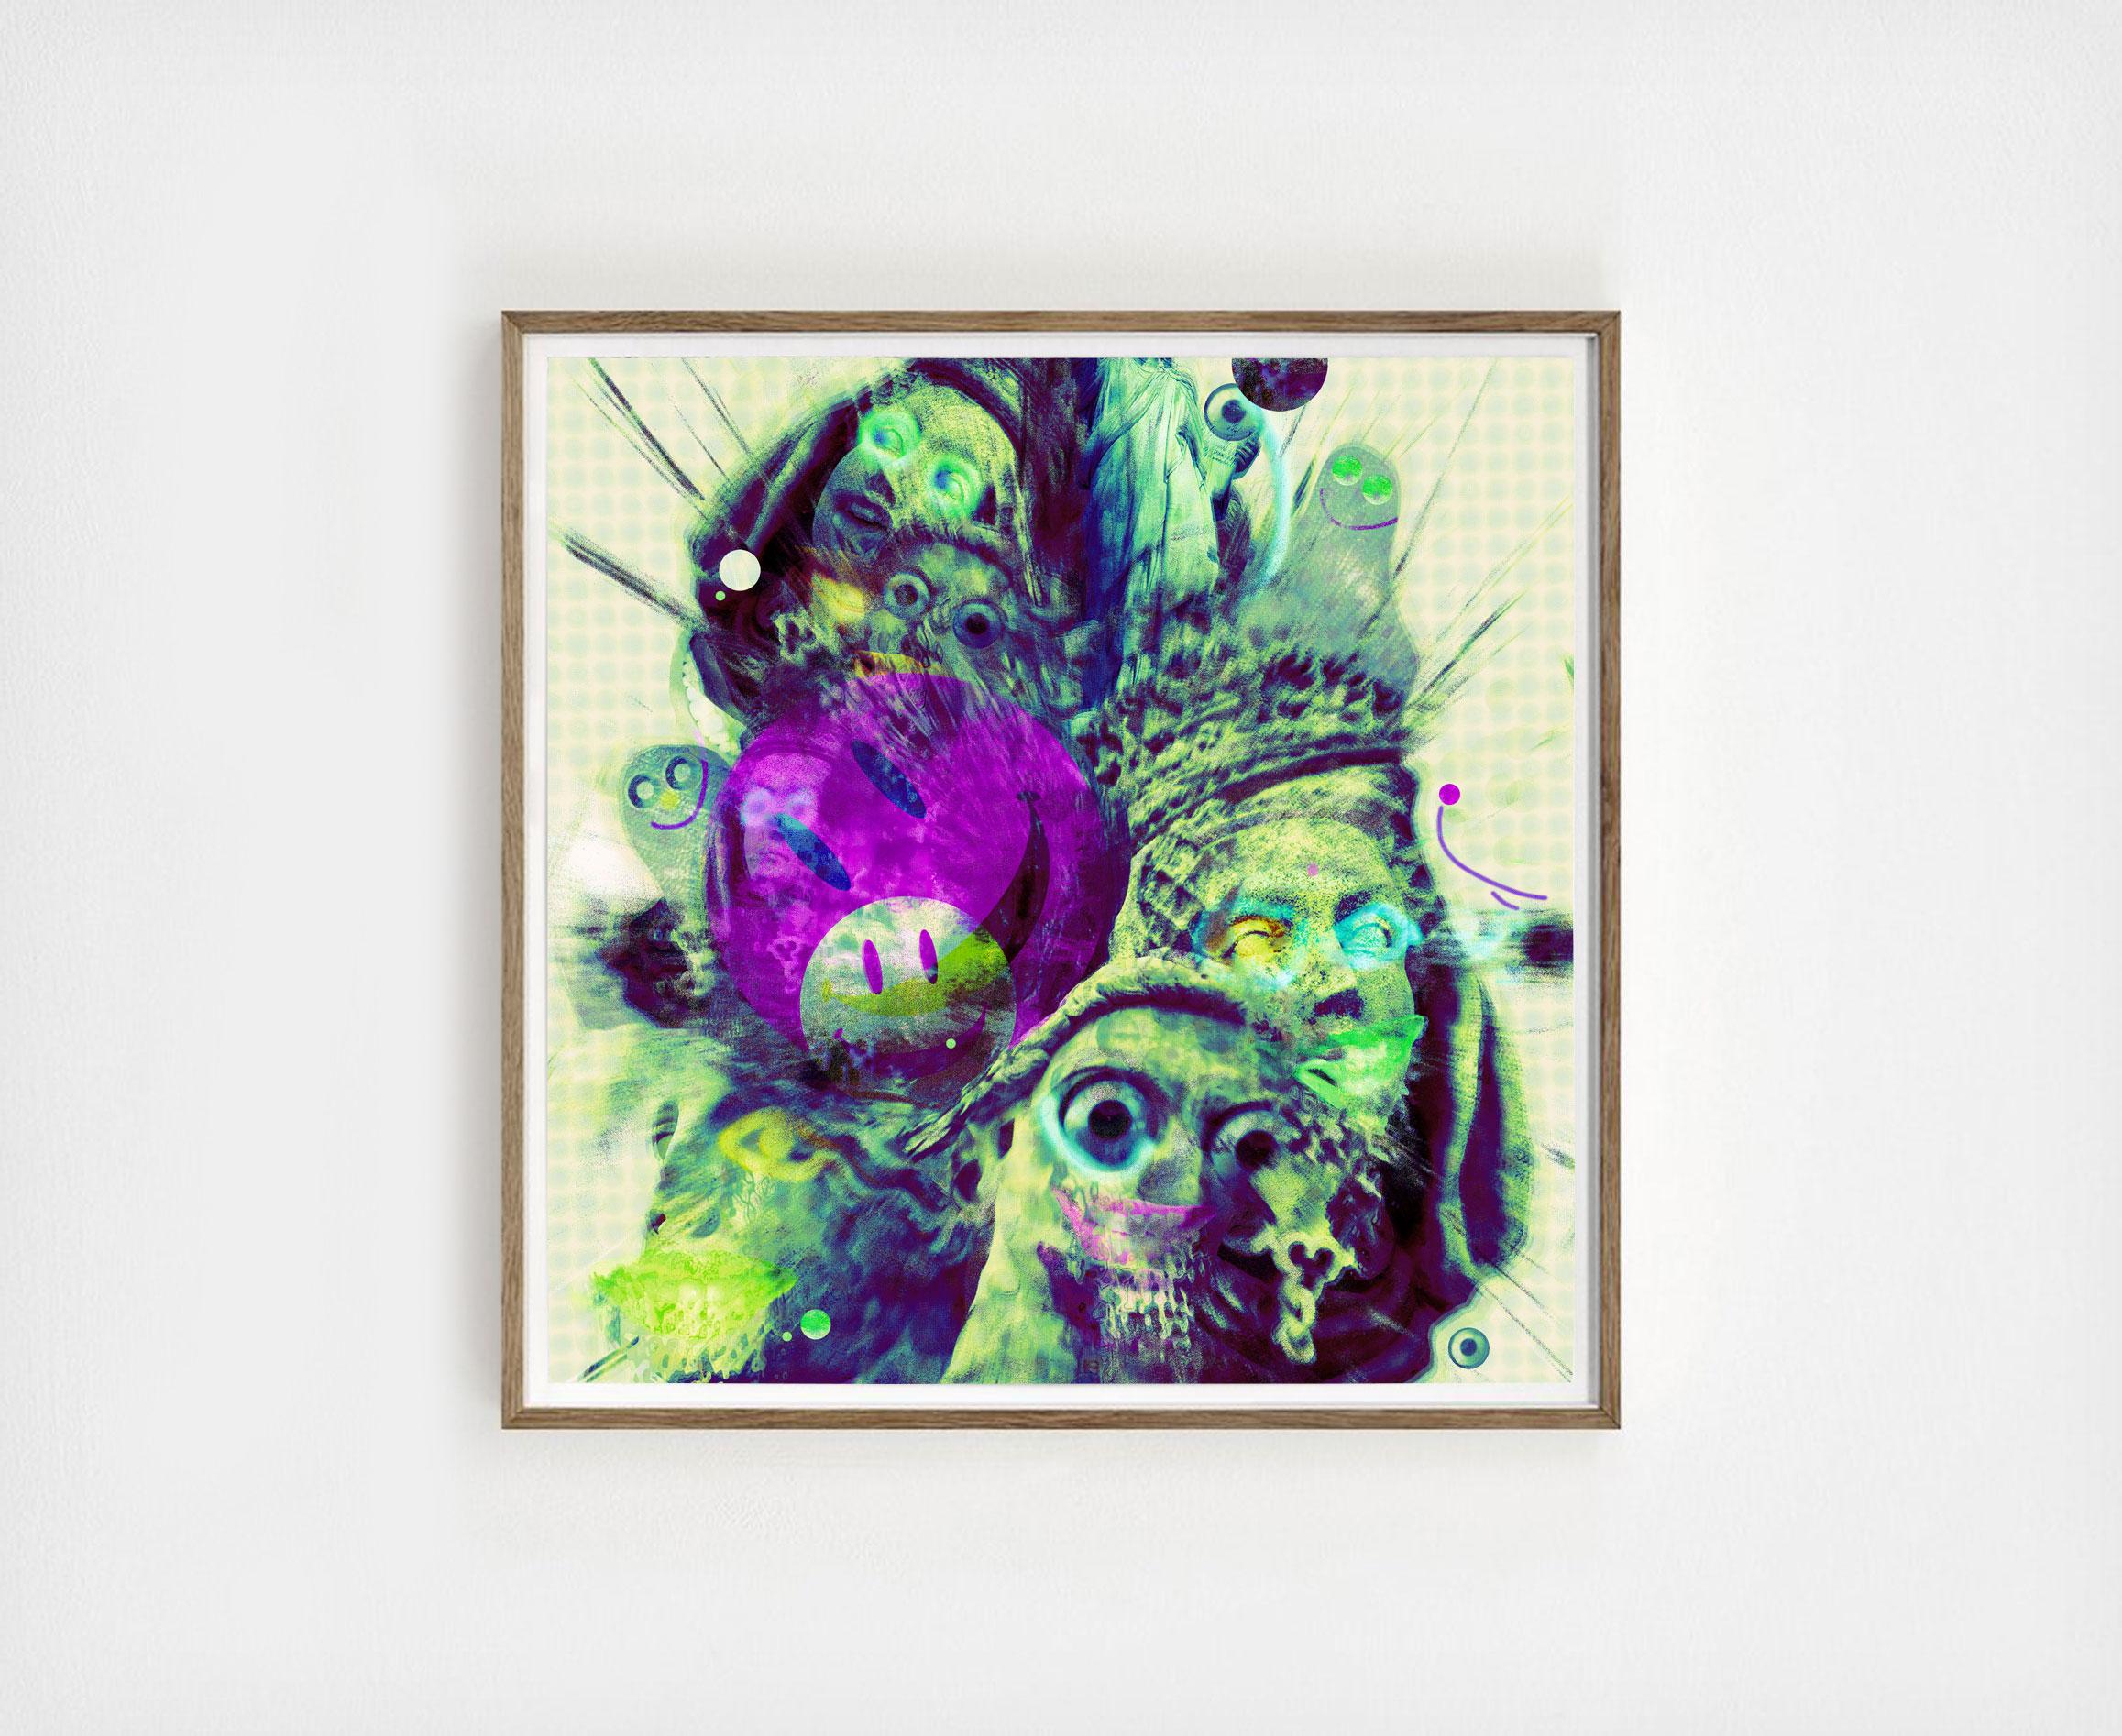 01-PersonalArtPrintsDecor-08a